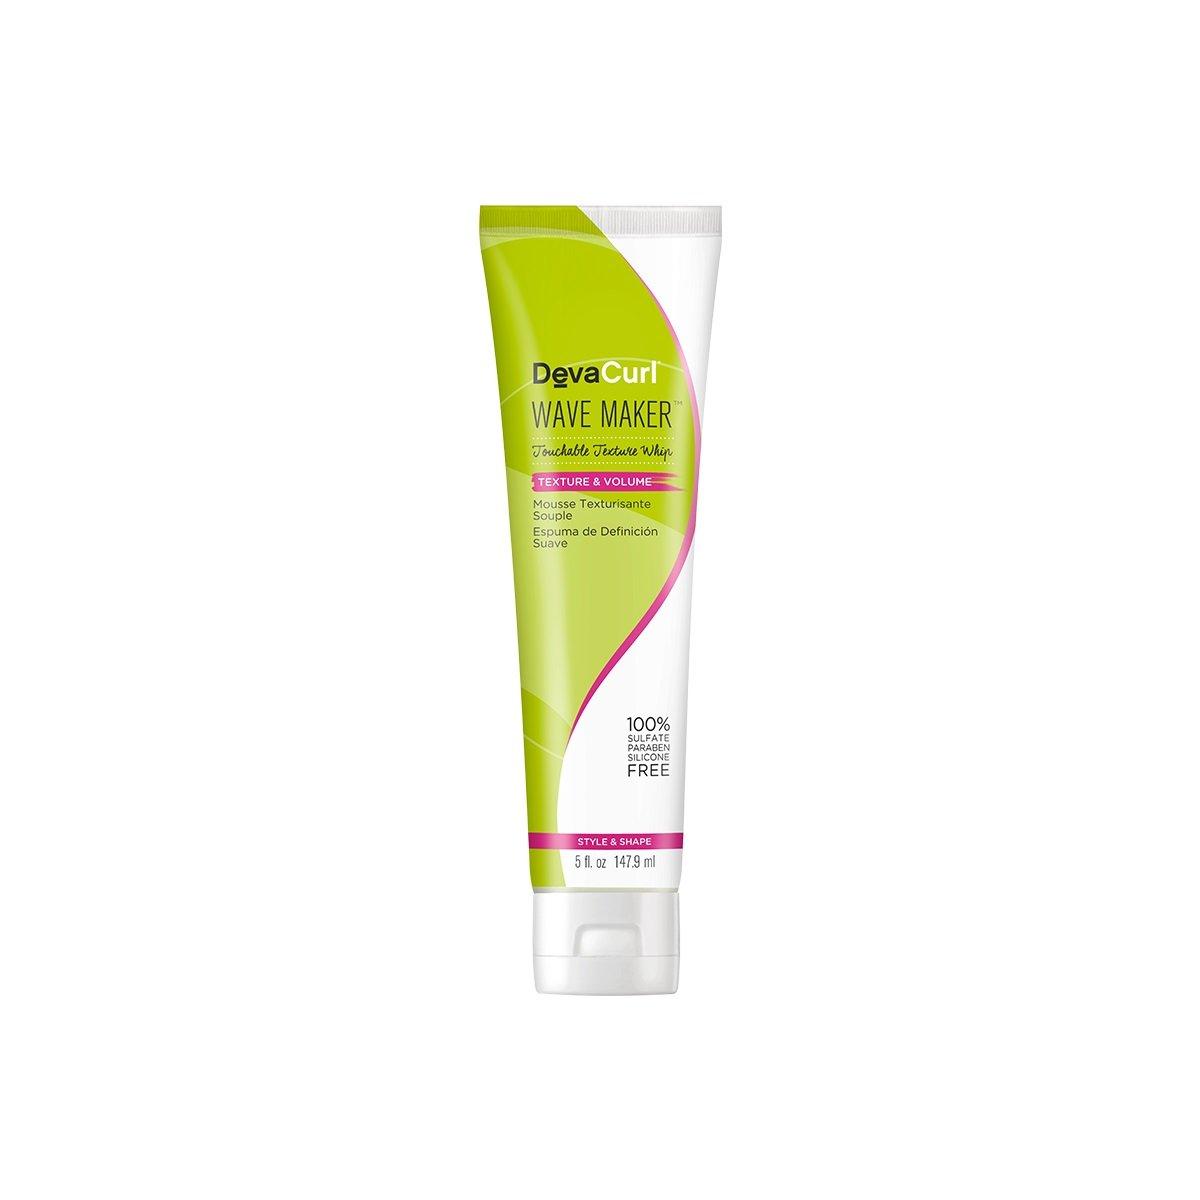 DevaCurl - Mousse Touchable della frusta di struttura del creatore dell'onda - 5 oncia. Mainspring America Inc. DBA Direct Cosmetics 020716124944